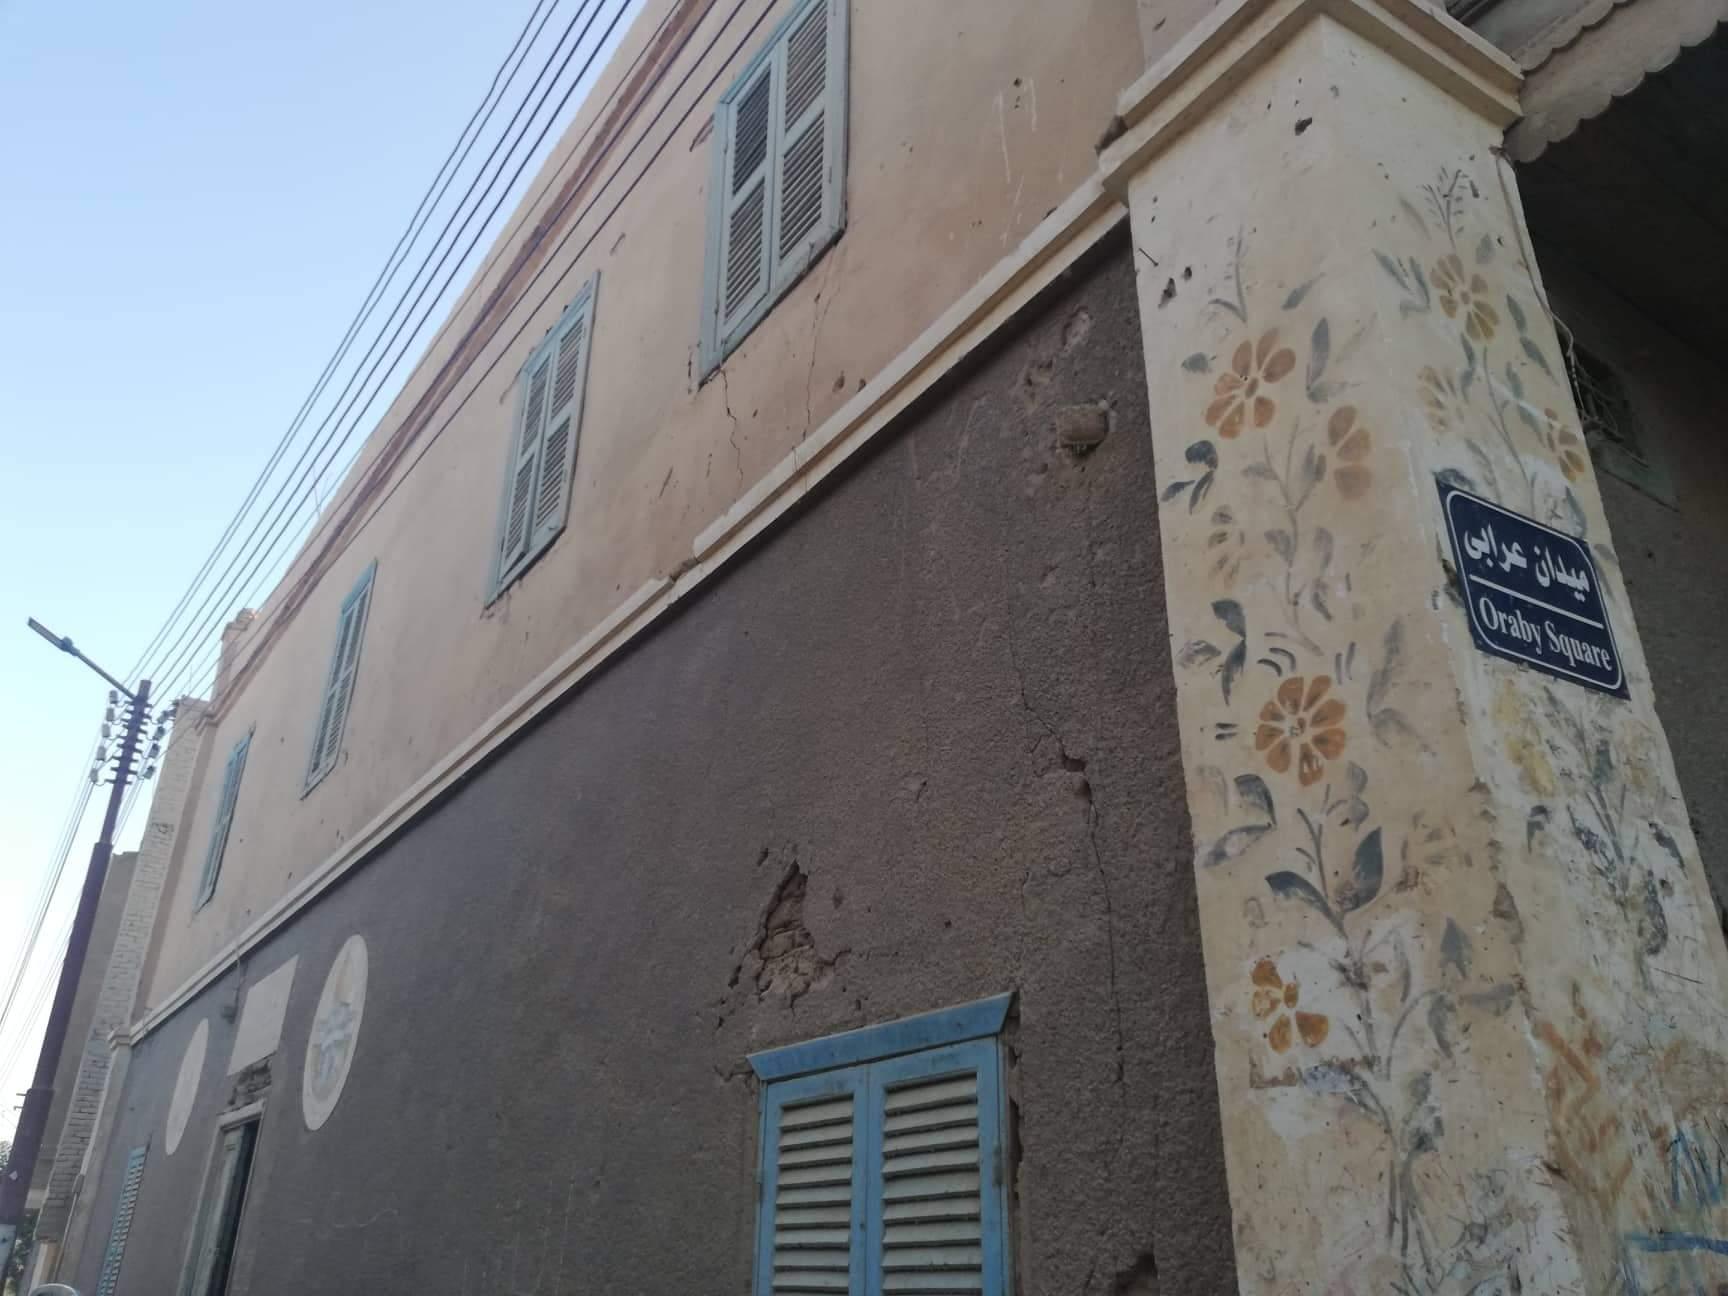 المنزل الذي يضم البنك القديم